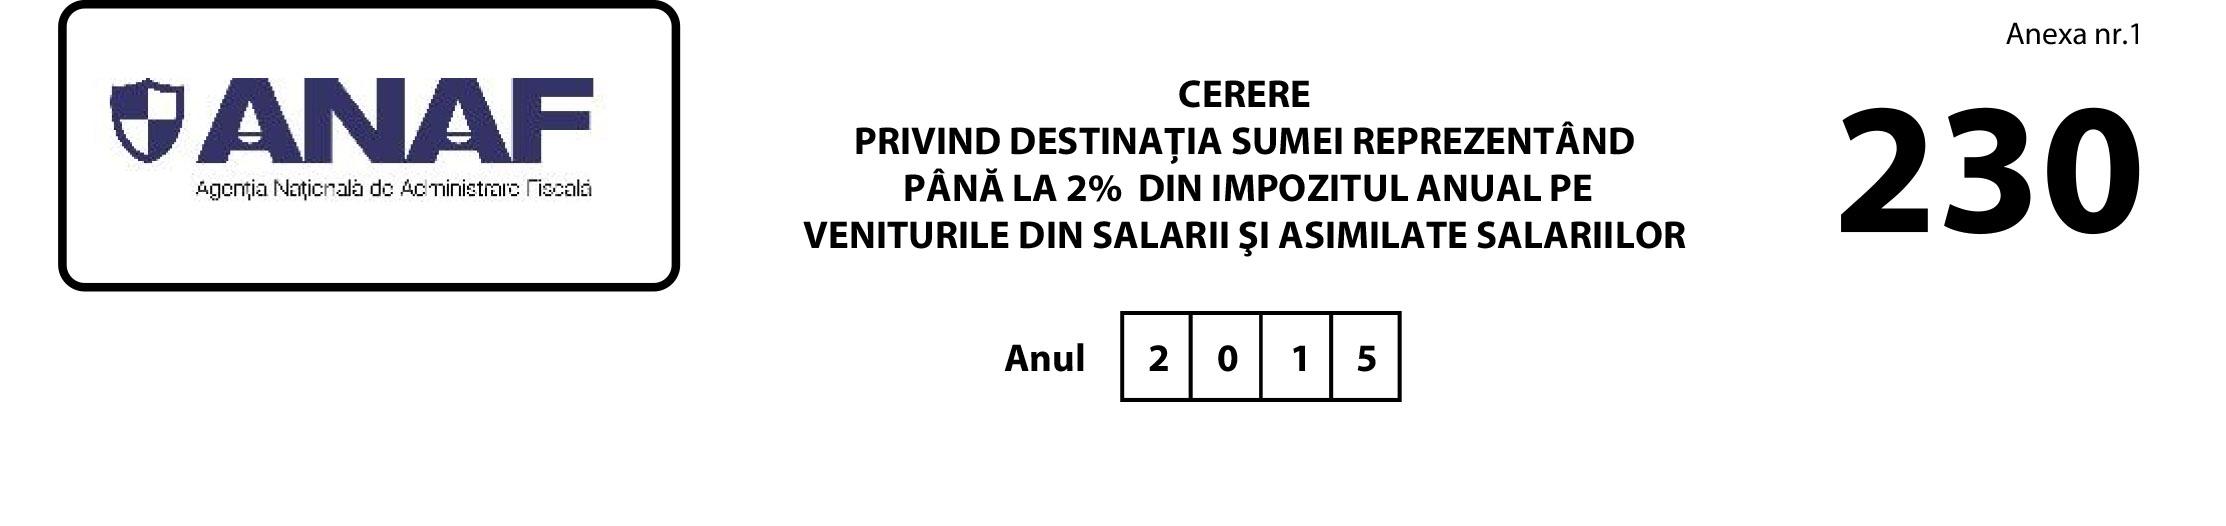 Formular 230 ANAF 2016  –  2% pentru Rădăuți